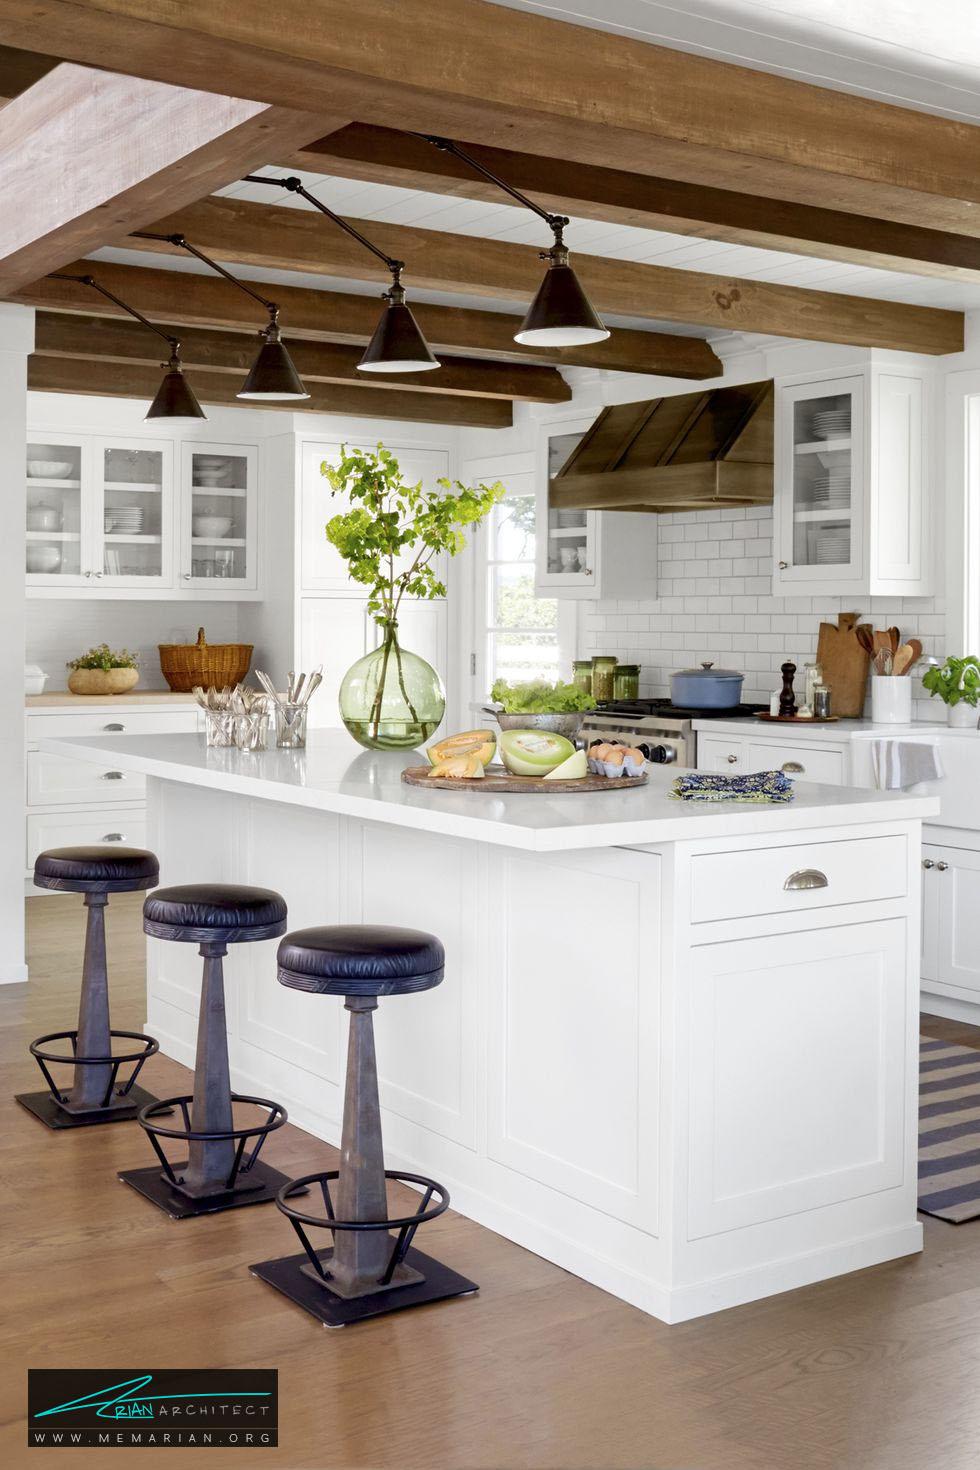 صفحات میز ضدخش و بادوام - 20 ایده جذاب برای چیدمان دکوراسیون آشپزخانه